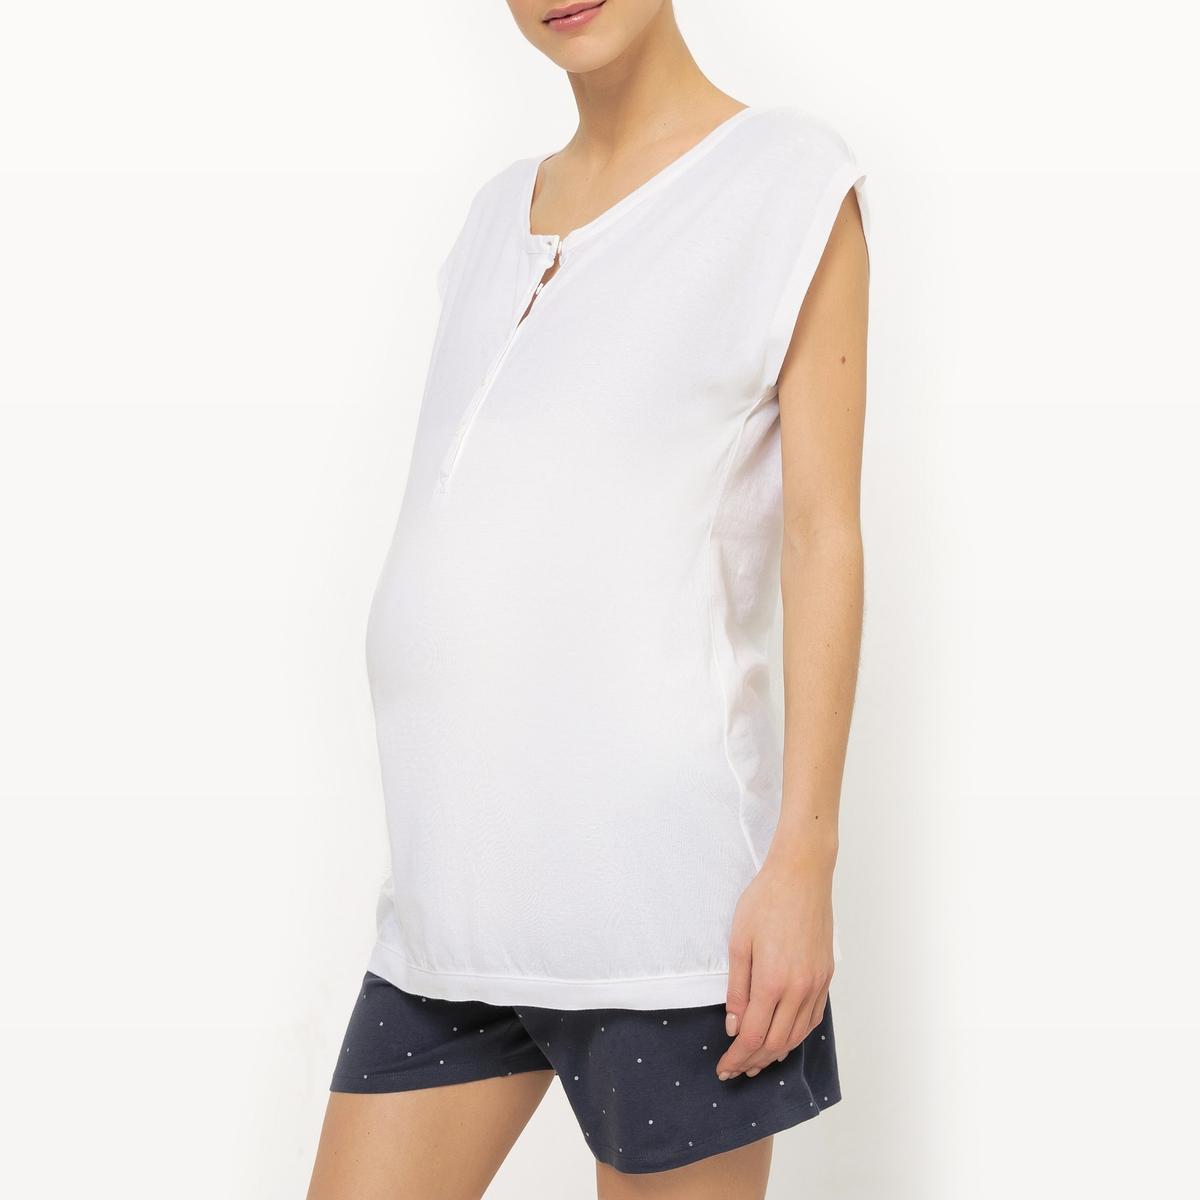 Пижама с шортами для периода беременности и грудного вскармливания из 2 предметовПижама с шортами для периода беременности и грудного вскармливания из 2 предметов COCOON. Однотонный топ с короткими рукавами. Круглый вырез с планкой застежки на пуговицы для облегчения грудного вскармливания. Шорты с рисунком в блестящий горошек с завязками под животом. Низкий поддерживающий пояс.                           Состав и описание         Материал           95% хлопка, 5% эластана          Марка           COCOON                  Уход         Стирать, сушить и гладить с изнаночной стороны         Машинная стирка при 30 °C с вещами схожих цветов         Гладить при низкой температуре         Машинная сушка запрещена<br><br>Цвет: белый/ синий<br>Размер: 38/40 (FR) - 44/46 (RUS)